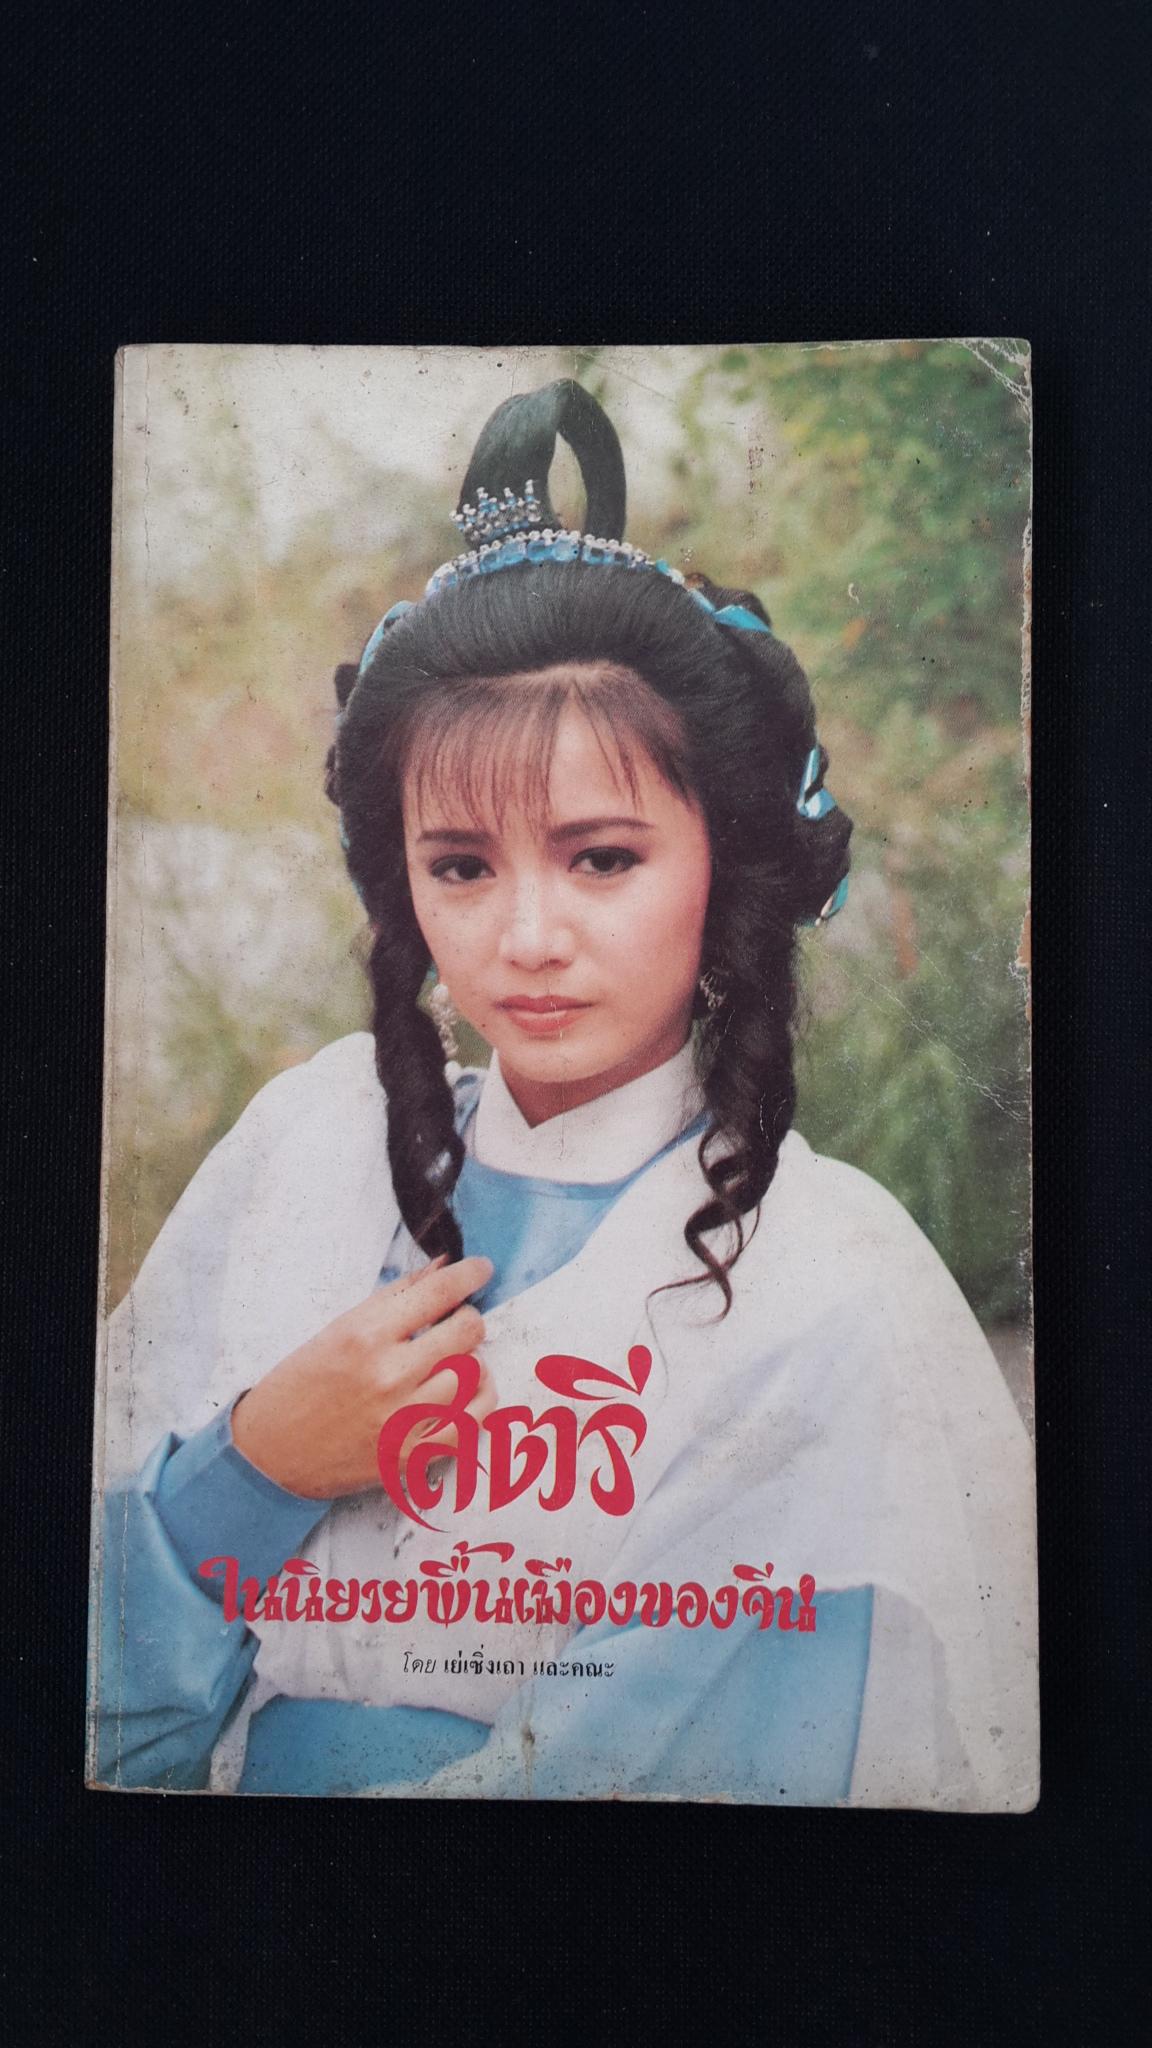 สตรี ในนิยายพื้นเมืองของจีน / เย่เซิ่งเถา